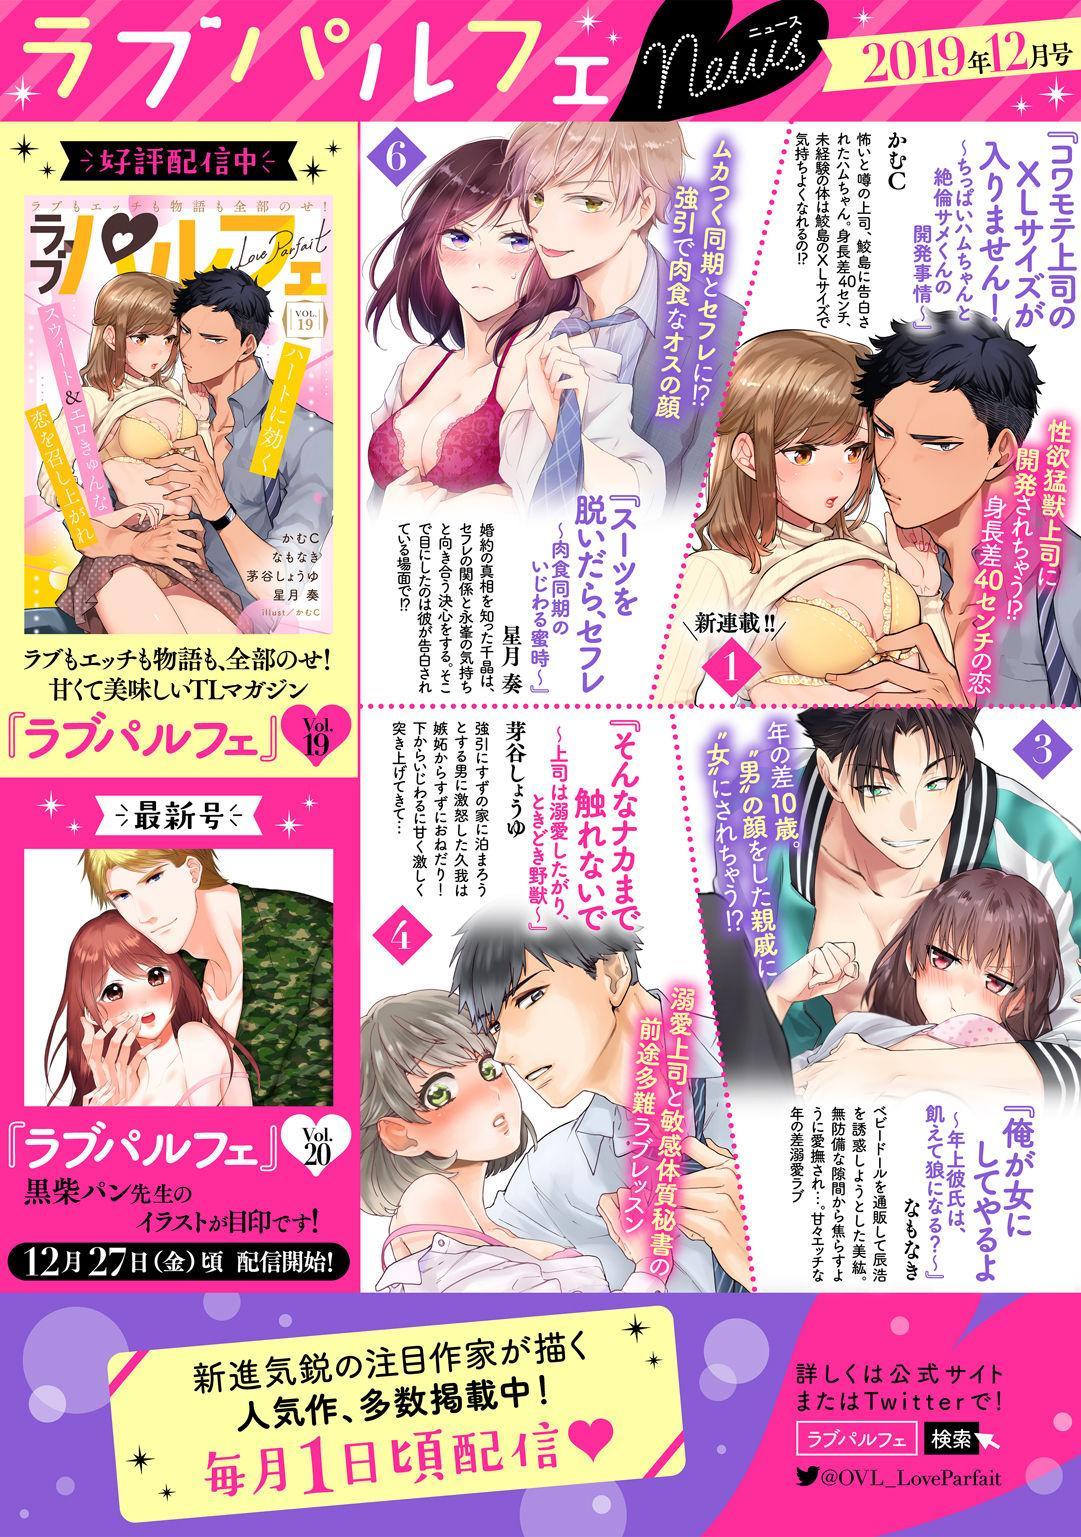 [Suzushiro Nerita] Otomege (18-kin) de Nyotaika shita Ore wa ~Clear Jouken wa Dekiai Ecchi!?~ 1-2 32